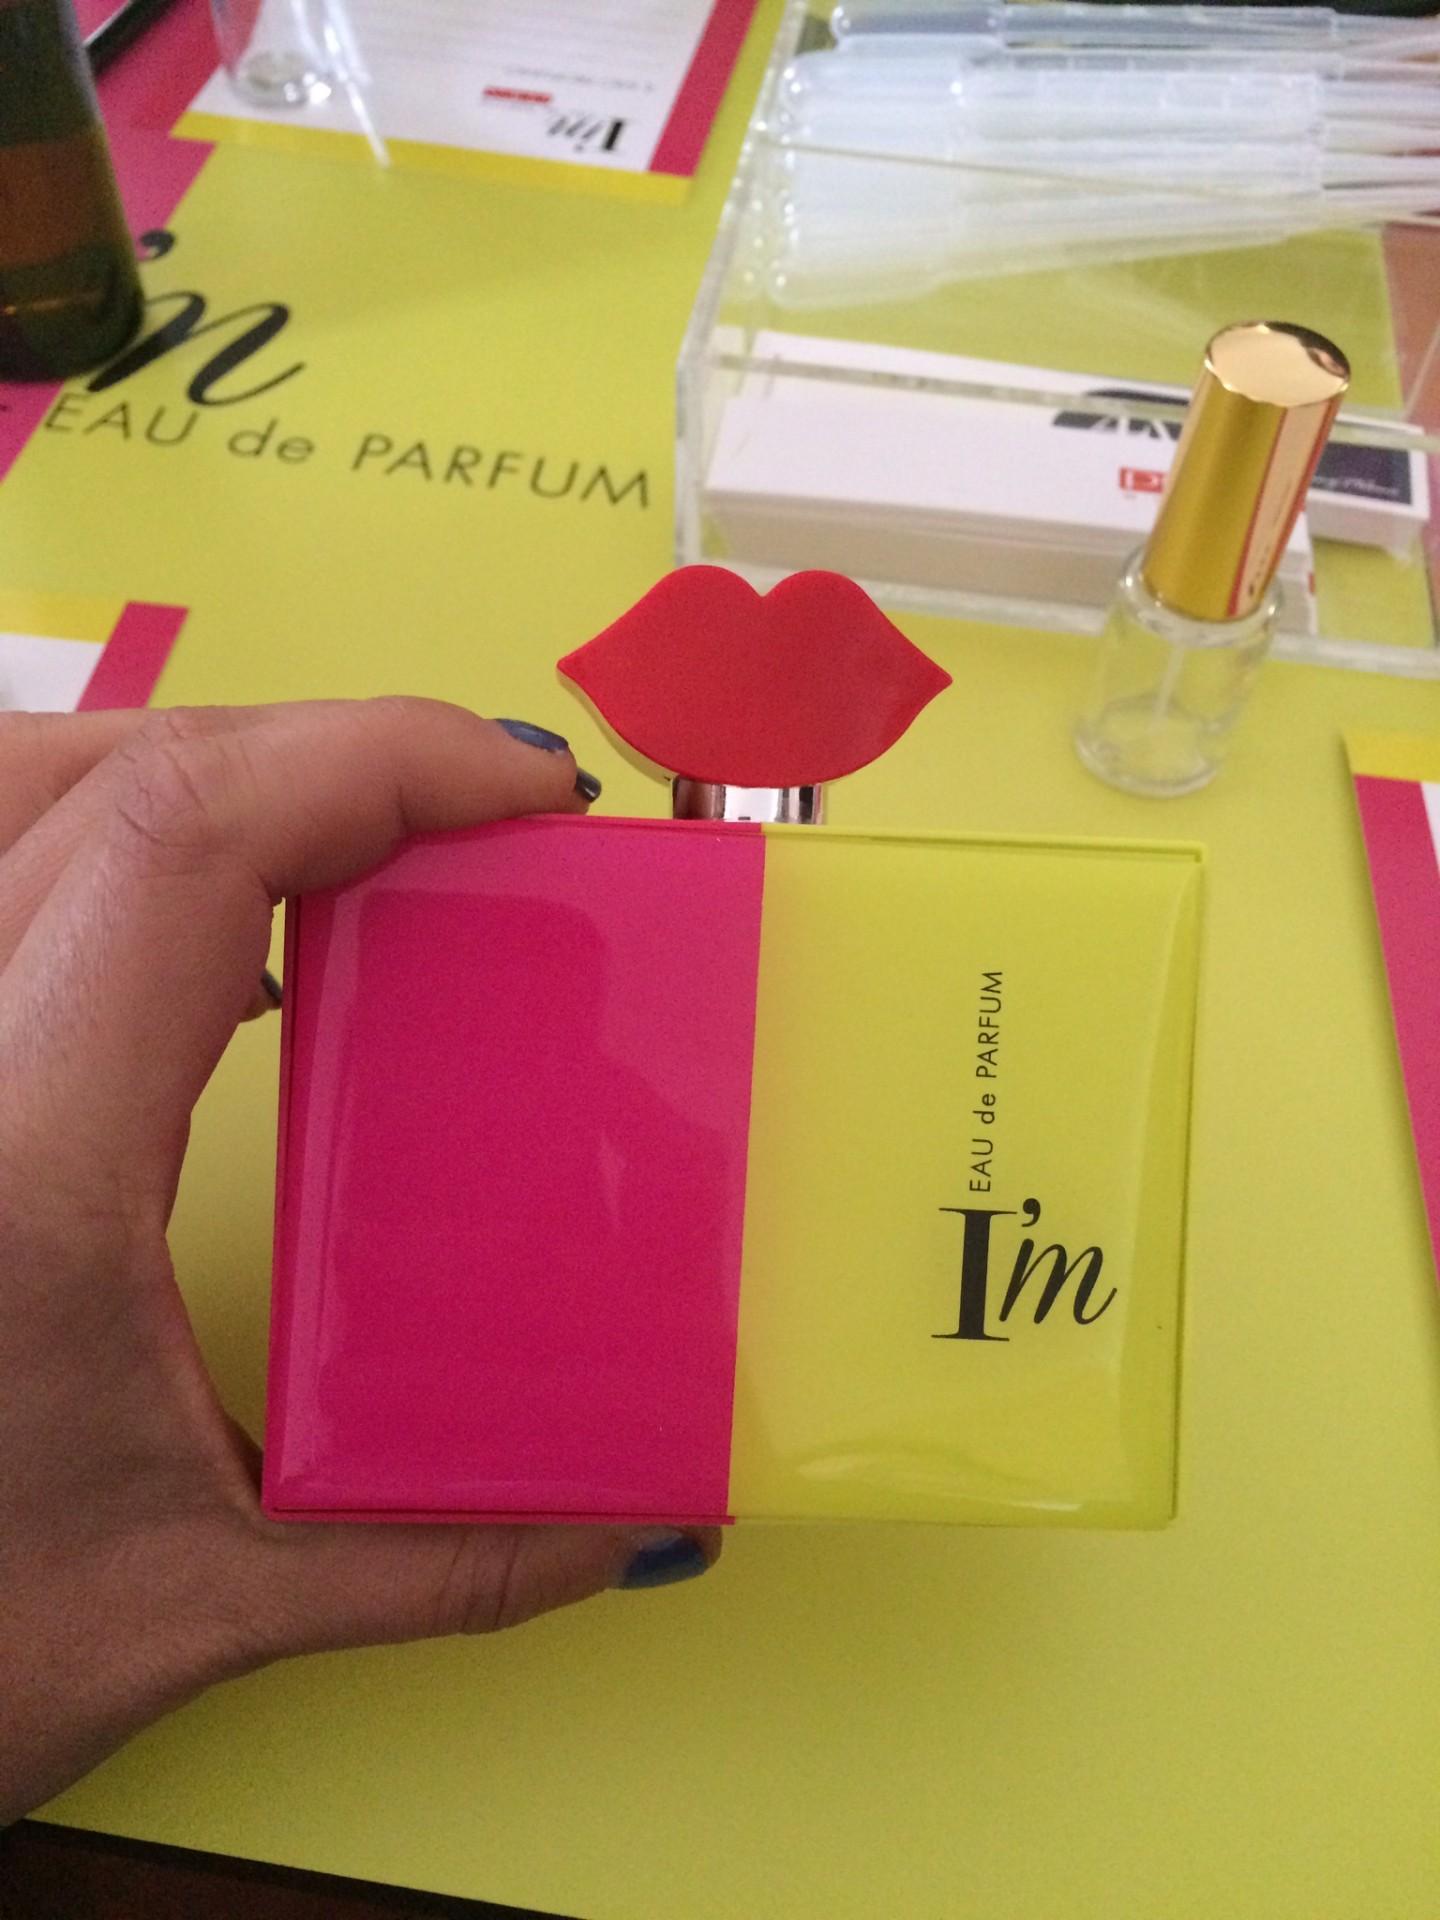 pupa-im-experience-profumo-valentina-coco-fashion-blogger-evento-milano